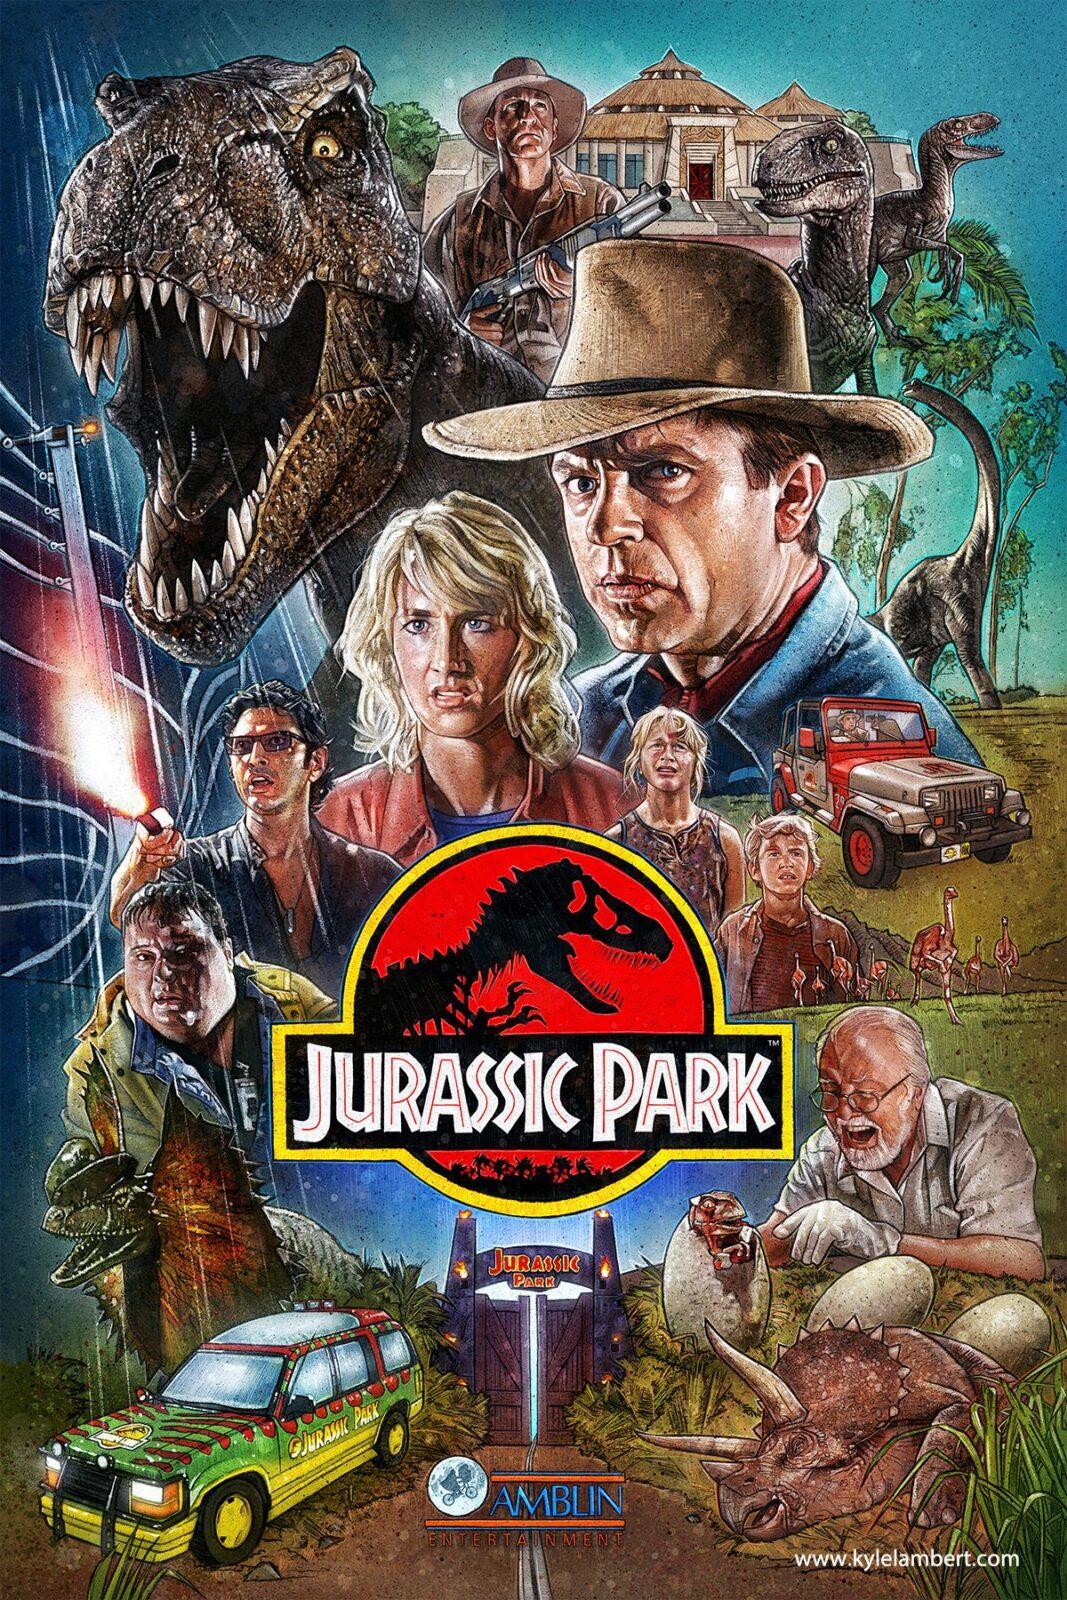 Jurassic Park Movie Screening Moonstruck Drive-In